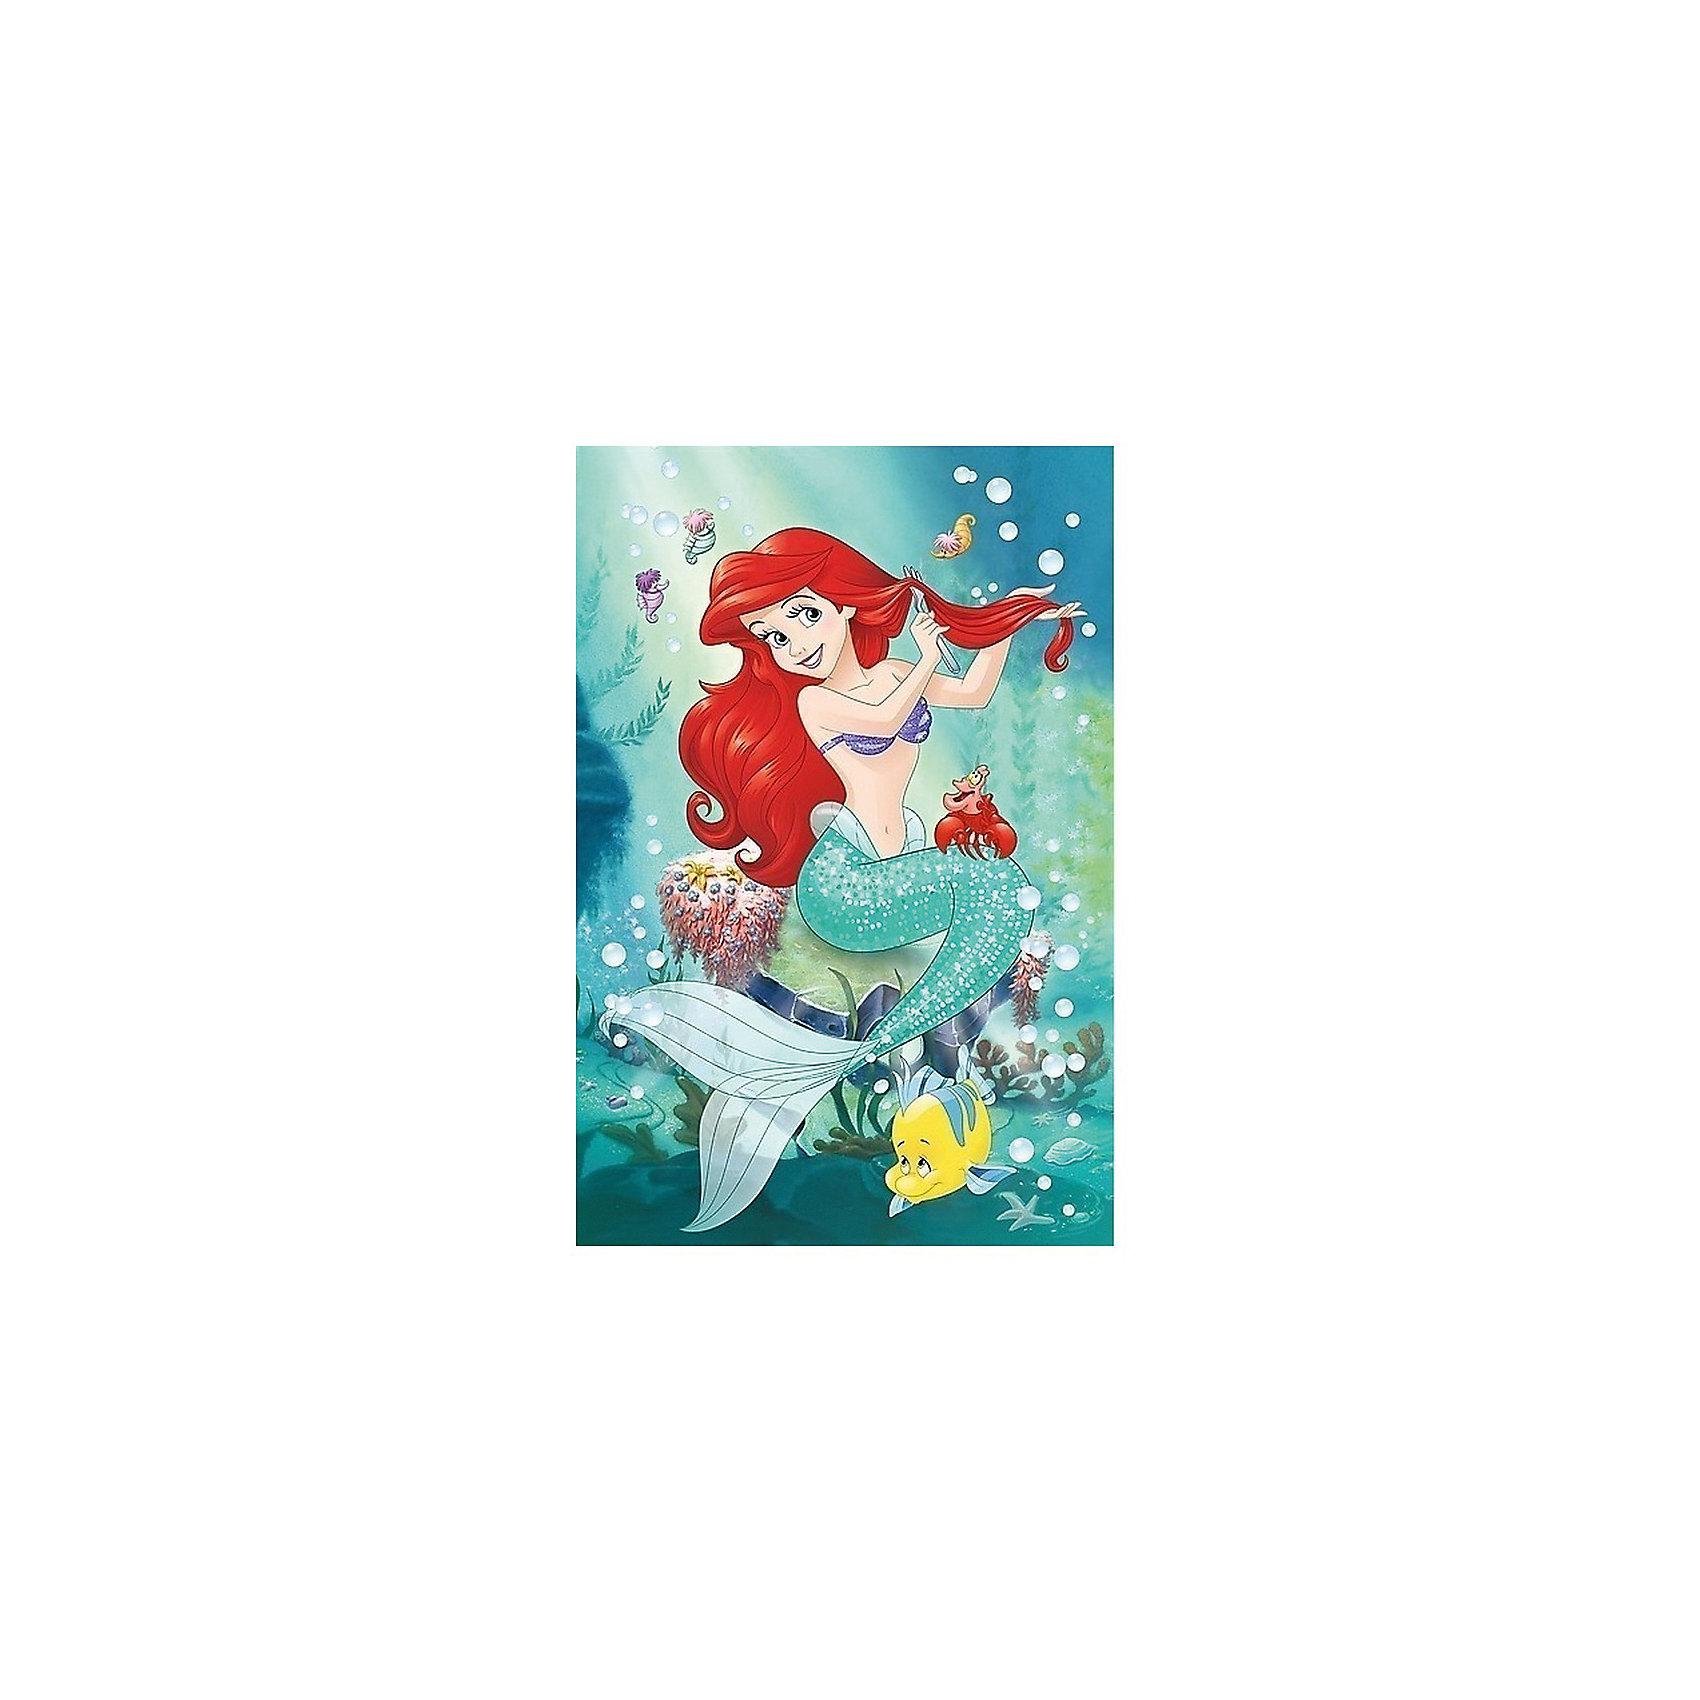 Пазлы Подводный салон красоты, 24 элементаПринцессы Дисней<br>Пазлы Trefl 14248 Подводный салон красоты, 24 элемента посвящен Русалочке. На картинке, изображена Ариэль со своими друзьями - крабом Себастьяном и рыбкой Флаундер. Морские обитатели создали импровизированный салон красоты и теперь Русалочка расчесывает волосы обычной вилкой. <br><br>Именно такую картинку получит ребенок после сборки головоломки. Во время игры с пазлом малыш сможет развить мелкую моторику рук и логическое мышление. <br><br>Пазл состоит из 24 картонных деталей. Они совершенно безопасны, но при этом очень прочны. <br><br>Рекомендуется для детей от 3 лет.<br><br>Ширина мм: 410<br>Глубина мм: 378<br>Высота мм: 266<br>Вес г: 700<br>Возраст от месяцев: 36<br>Возраст до месяцев: 120<br>Пол: Женский<br>Возраст: Детский<br>SKU: 7126337